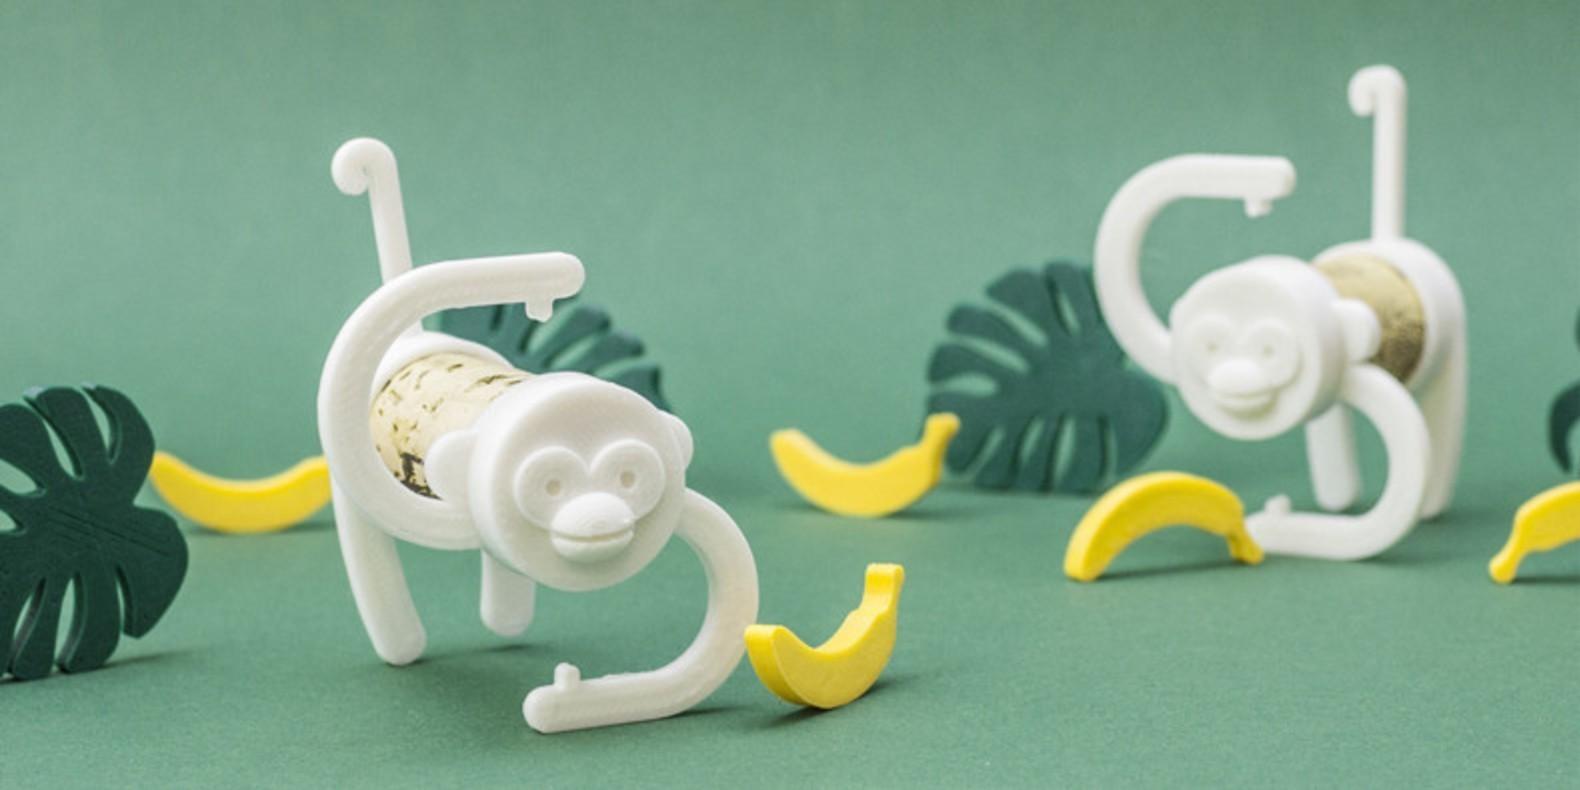 He aquí una selección de los mejores archivos 3D para imprimir en 3D todos los animales